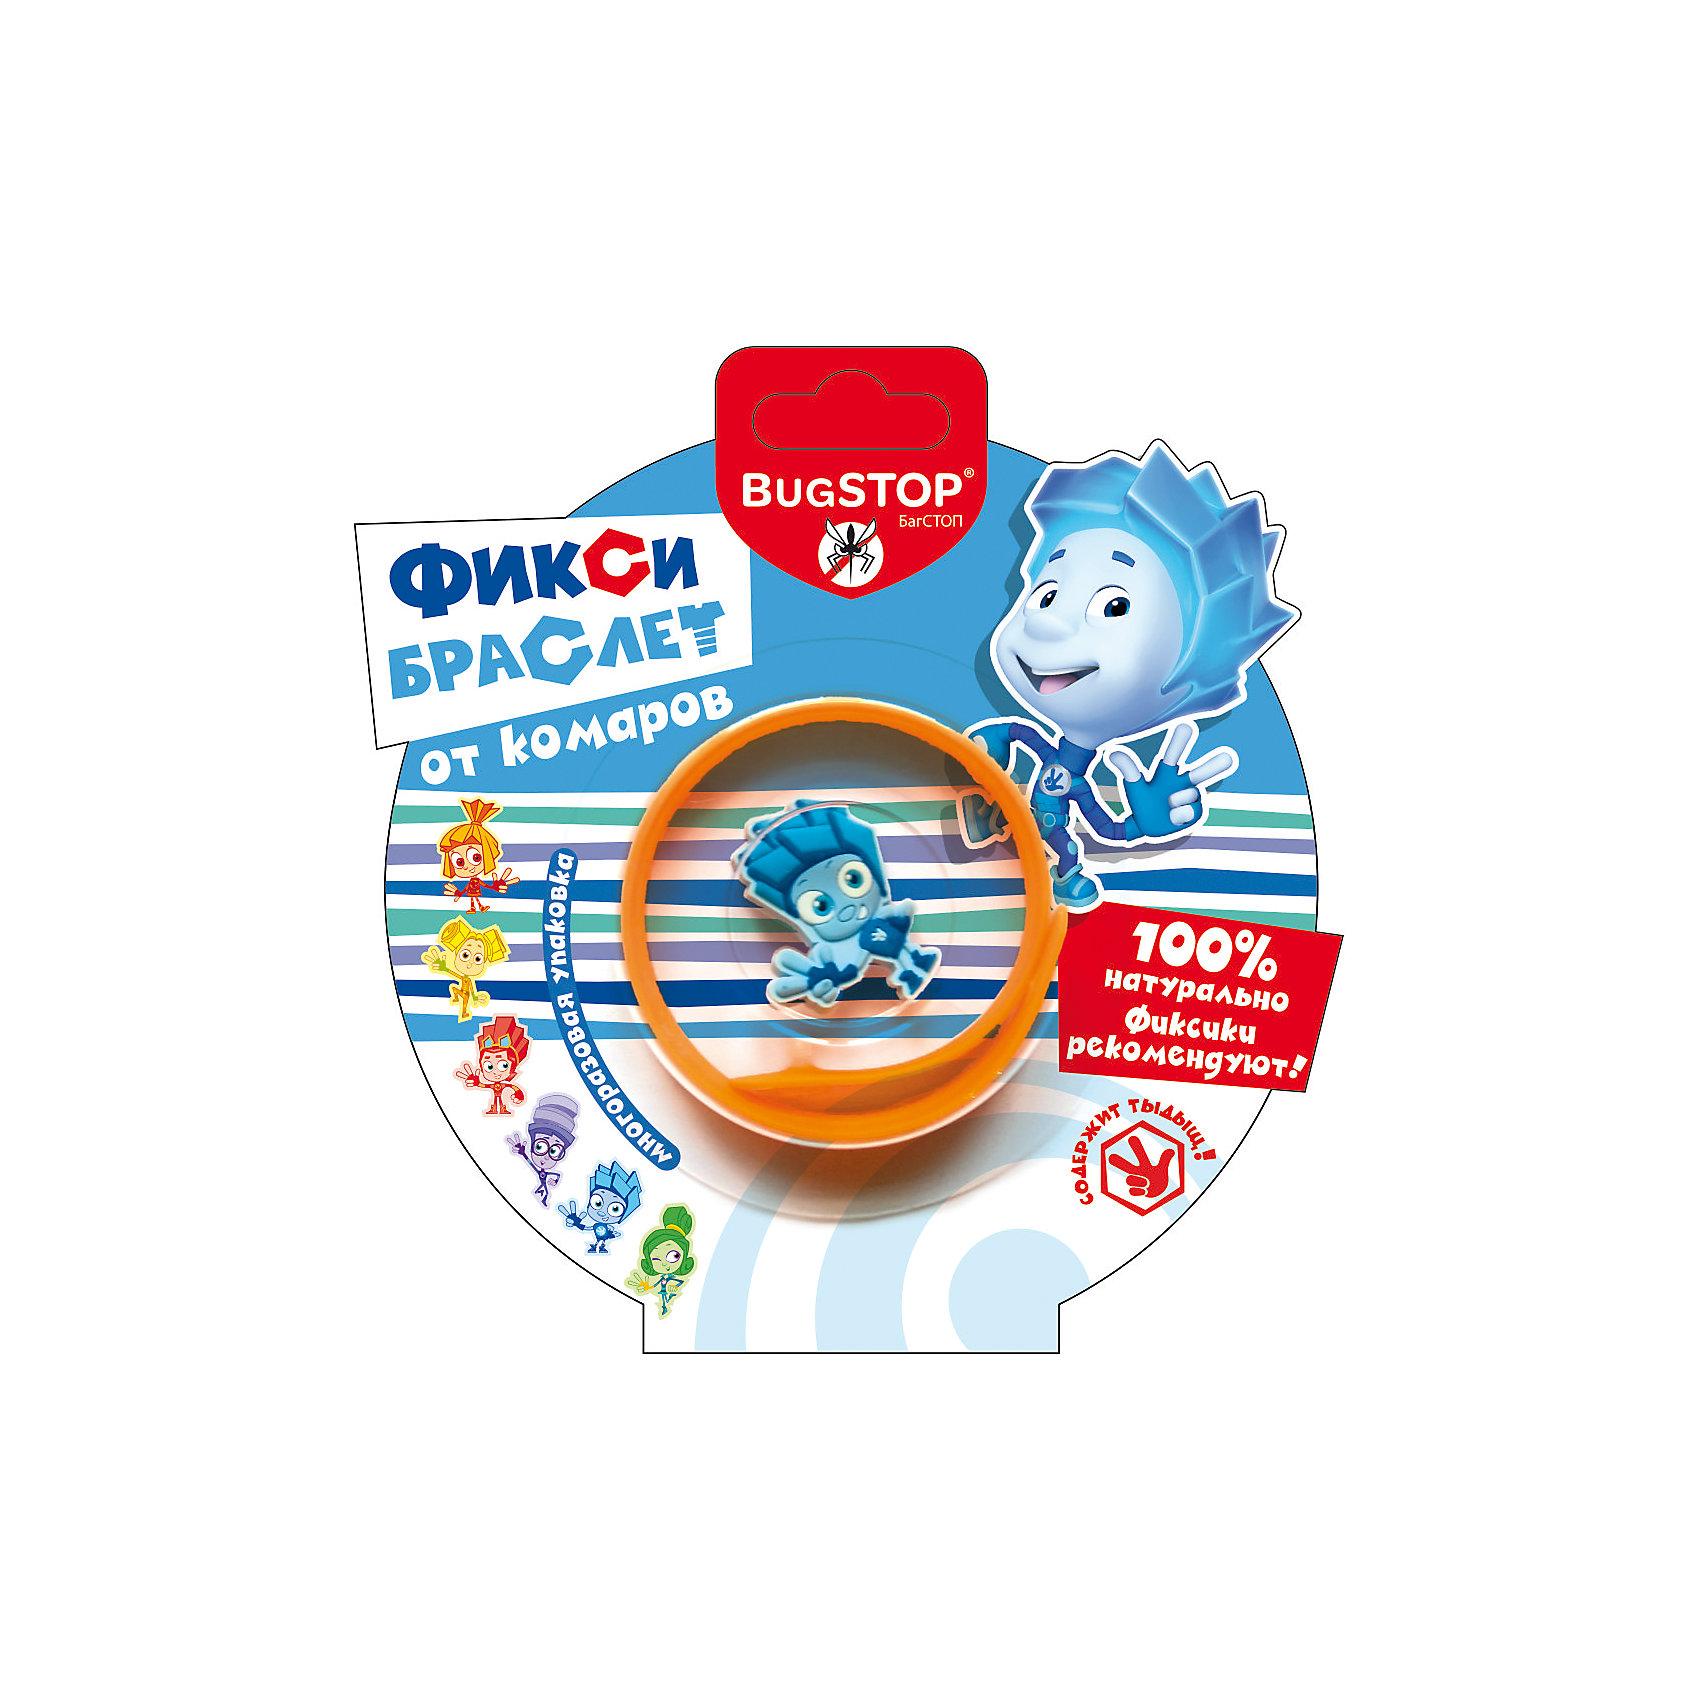 Детский фиксибраслет от комаров, BugSTOPБраслет от комаров марки BugStop (БагСТОП) ФИКСИКИ -- <br>1 детский браслет в упаковке + игрушка<br><br>Изготовлен из пластика (ПВД), 20% от объма составл.пропитка маслом травы цитронеллы.                                              В действии испарение паров репеллента не позволяет комарам приблизиться, обеспечивая индивид.защиту в радиусе до 3 метров.  Рекомендован к использованию на открытом воздухе, влагостоек. 6 единиц в миксе упаковки. Общий срок службы не менее 180 ч. защиты.   Для сохранения действия может храниться в заводской упаковке (прозр.короб на блистере).  Специфич.противопоказаний не имеет. рекомендован к использованию на открытом воздухе. Разрешен к применению детям в возрасте от 3 лет. <br><br>Детский фиксибраслет от комаров, BugSTOP  можно купить в нашем магазине.<br><br>Ширина мм: 130<br>Глубина мм: 18<br>Высота мм: 13<br>Вес г: 16<br>Возраст от месяцев: 36<br>Возраст до месяцев: 144<br>Пол: Унисекс<br>Возраст: Детский<br>SKU: 4667898